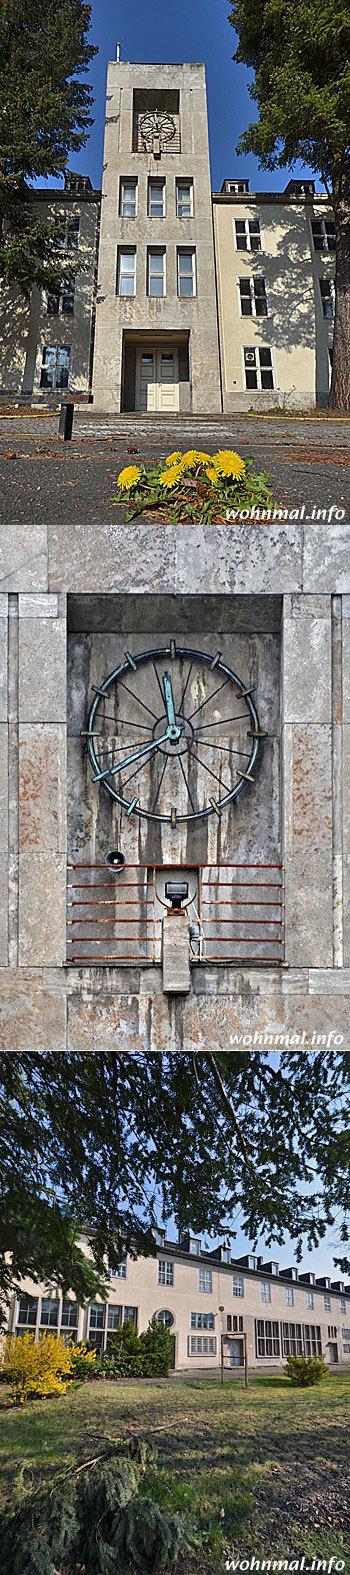 """Der zentrale Uhrenturm von Haus 4  (""""The Times Tower"""", oben und mitte) und die Südfassade von Haus 5 (""""The Gallery"""", unten) am Appellplatz des ehemaligen Hauptquartiers der US-Army in Dahlem. Fotos: Sven Hoch"""